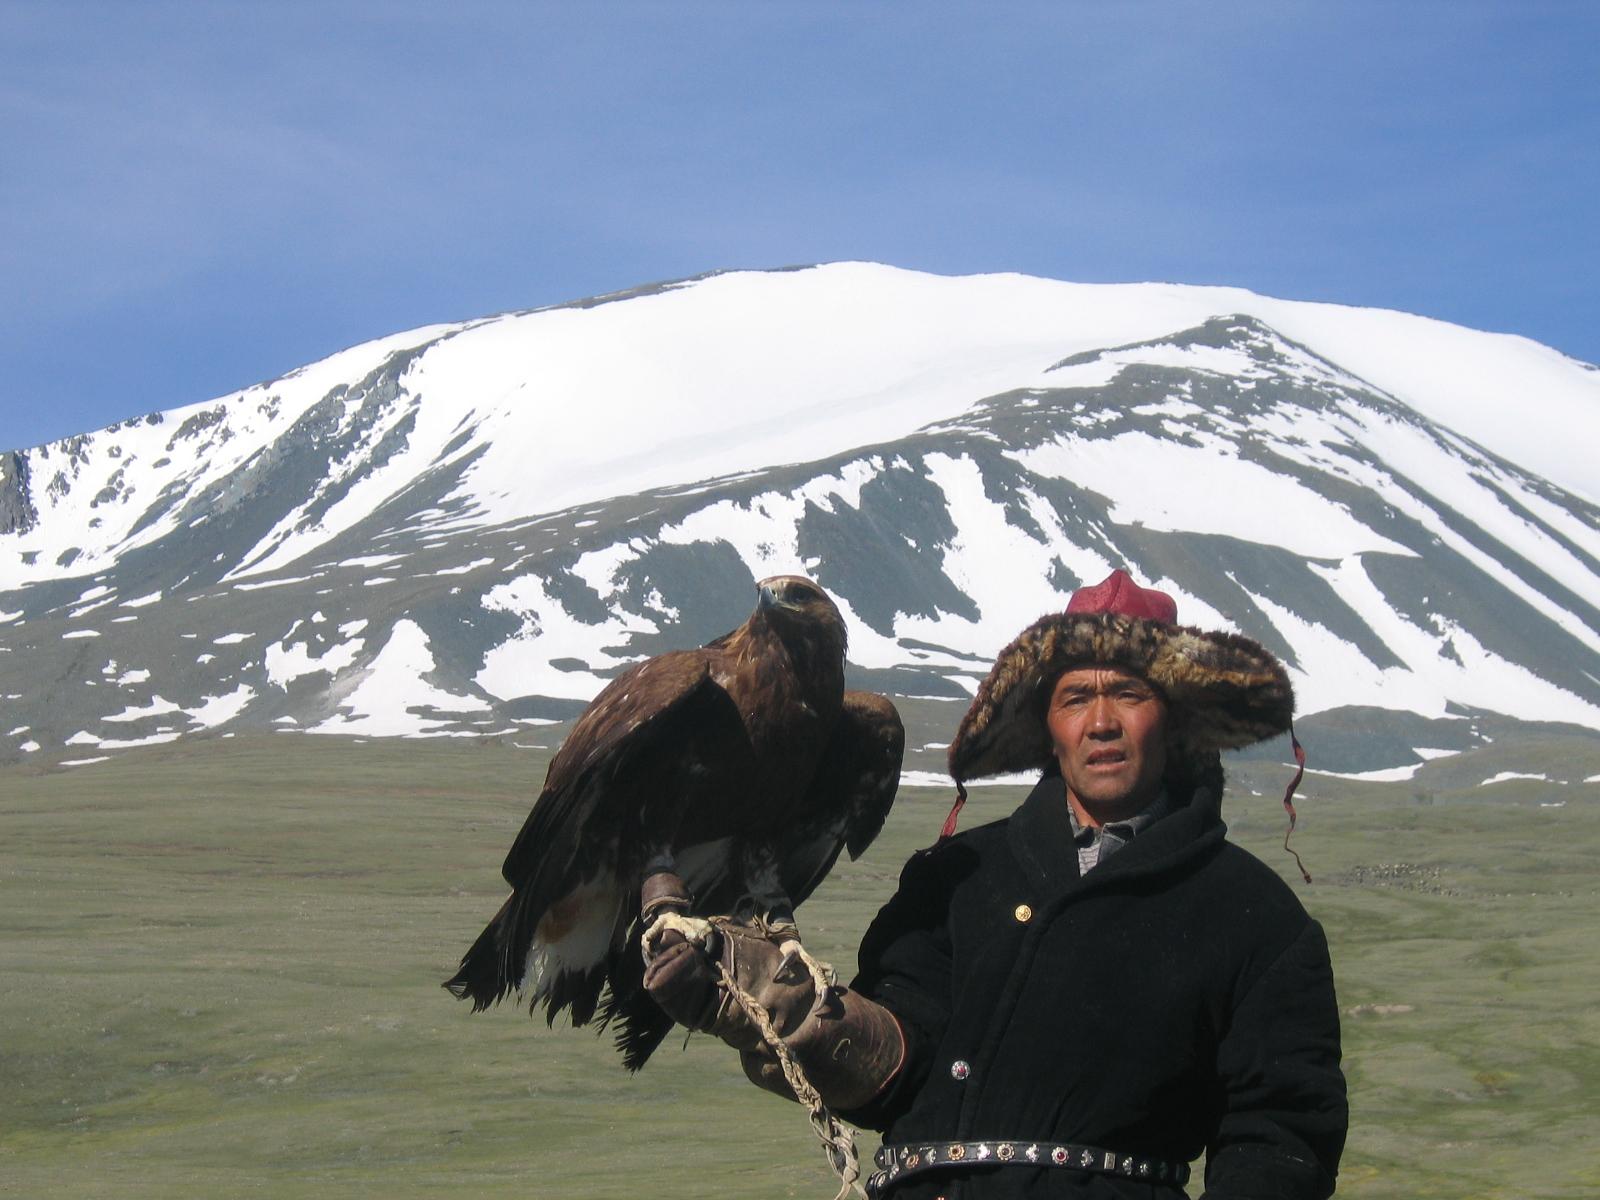 tiarescott2-mongolia.jpg